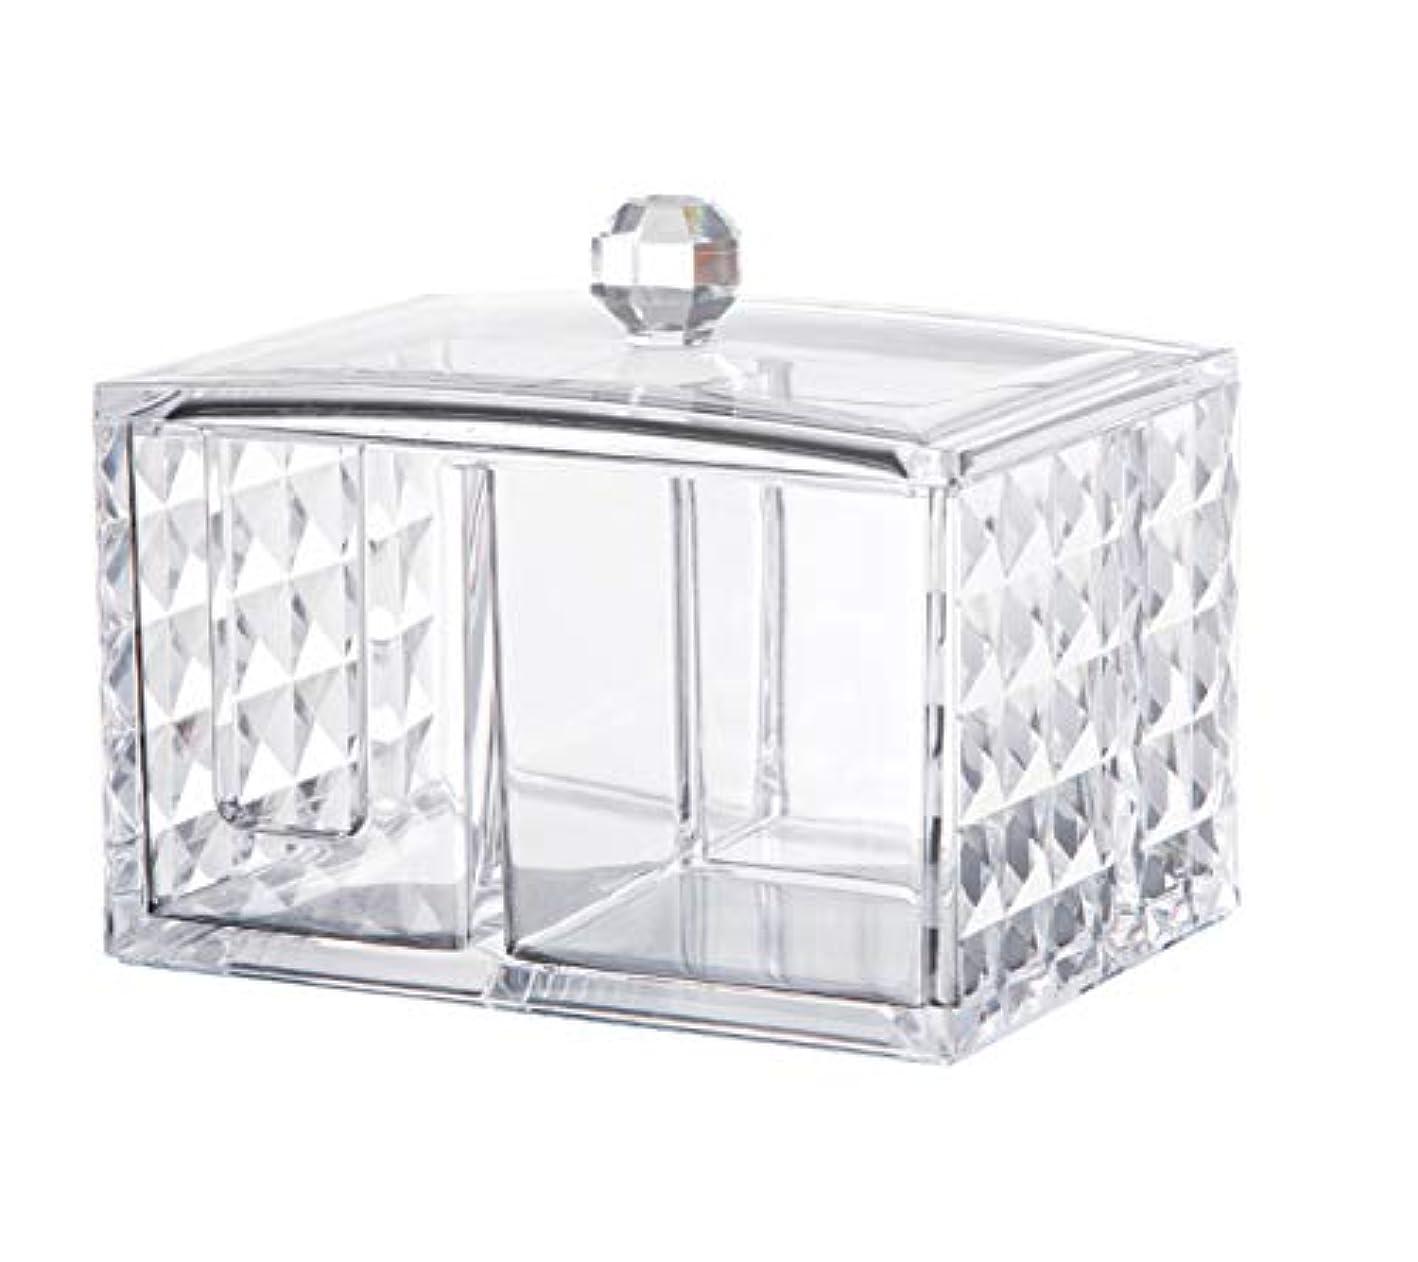 可動式精神ビートCUAFID アクリルケース コスメ収納ボックス コットン 綿棒 小物 メイクケース ジュエリーボックス 蓋付き アクリル製 透明 …